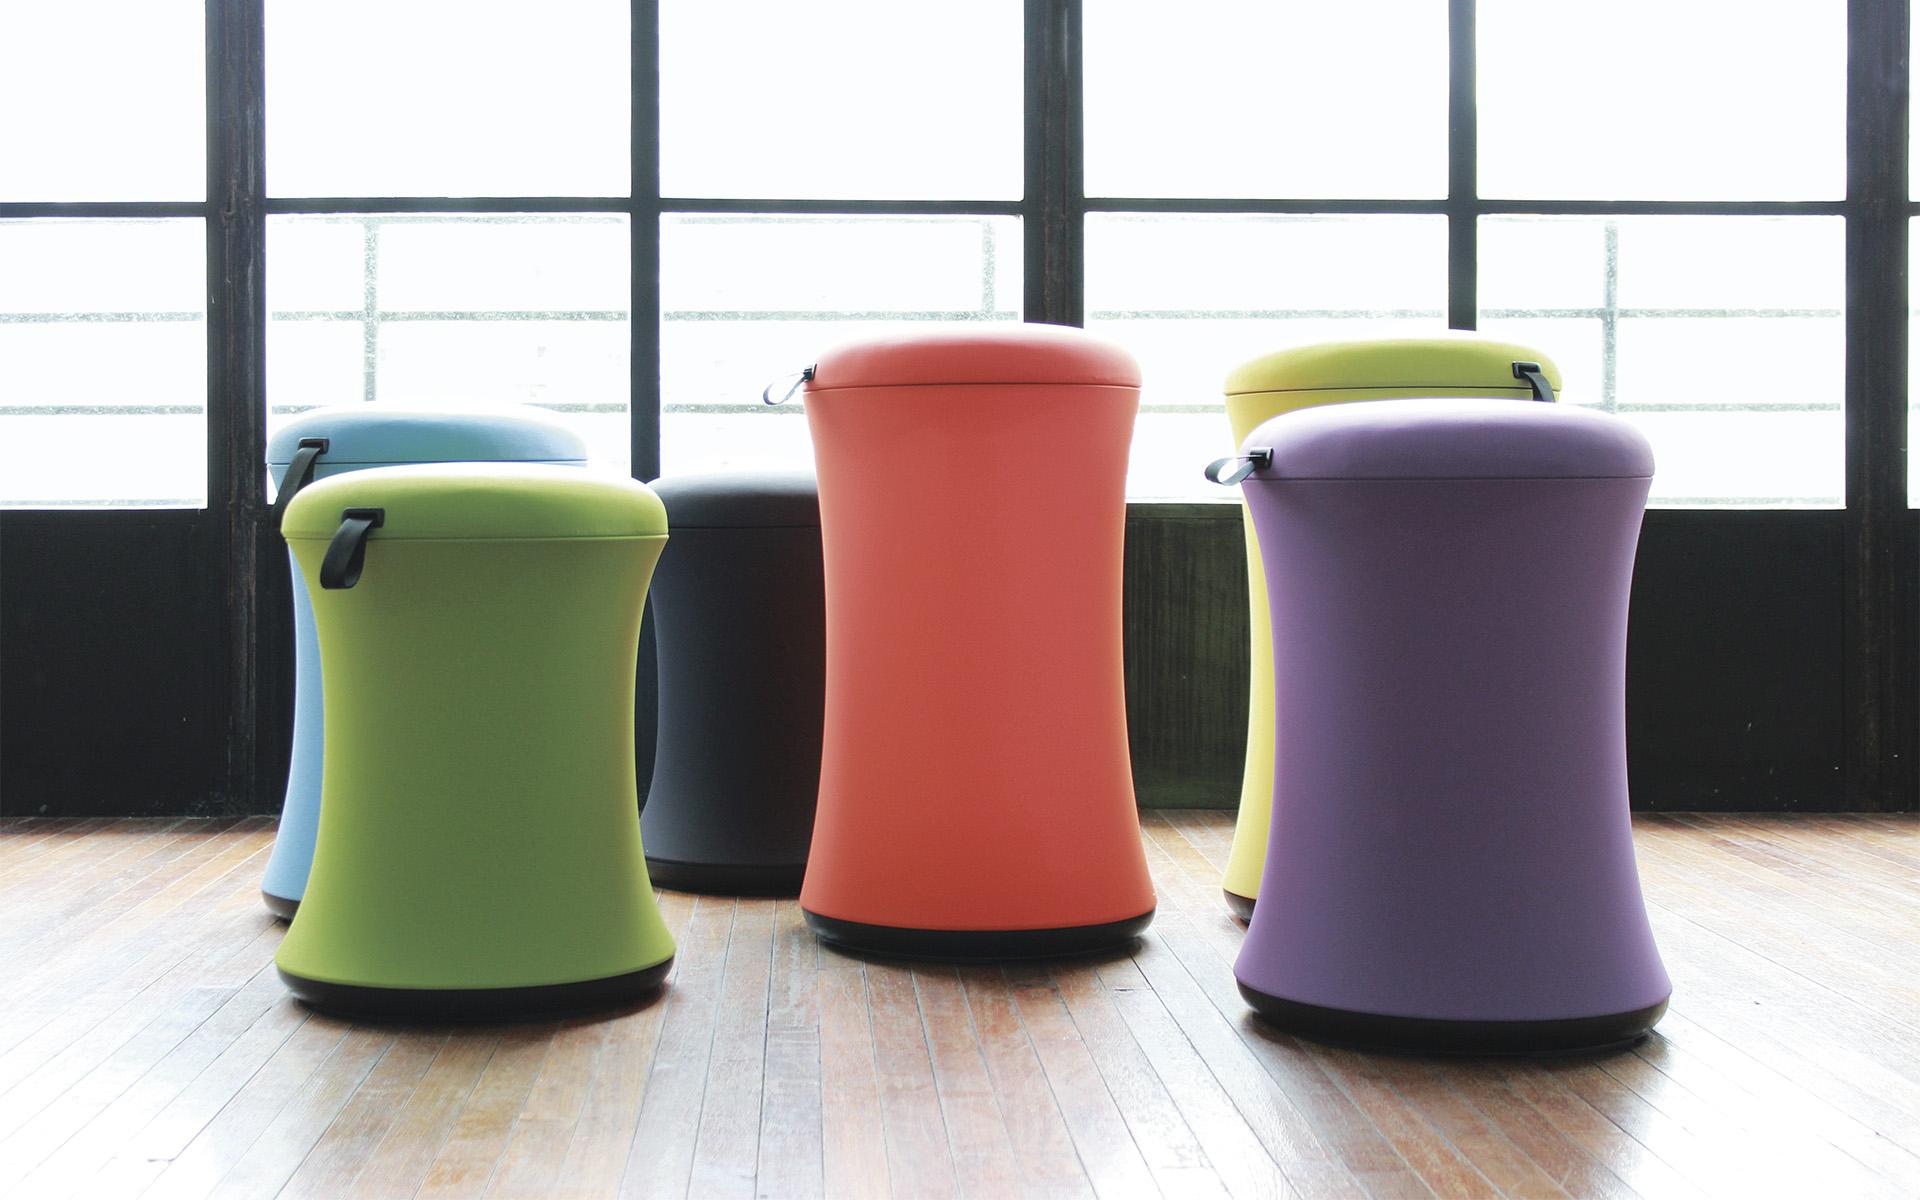 Sechs UE Furniture Uebobo Hocker von ITO Design in Blau, Grasgrün, Schwarz, leuchtendem Orange, Gelbgrün und Lila in hellem Raum